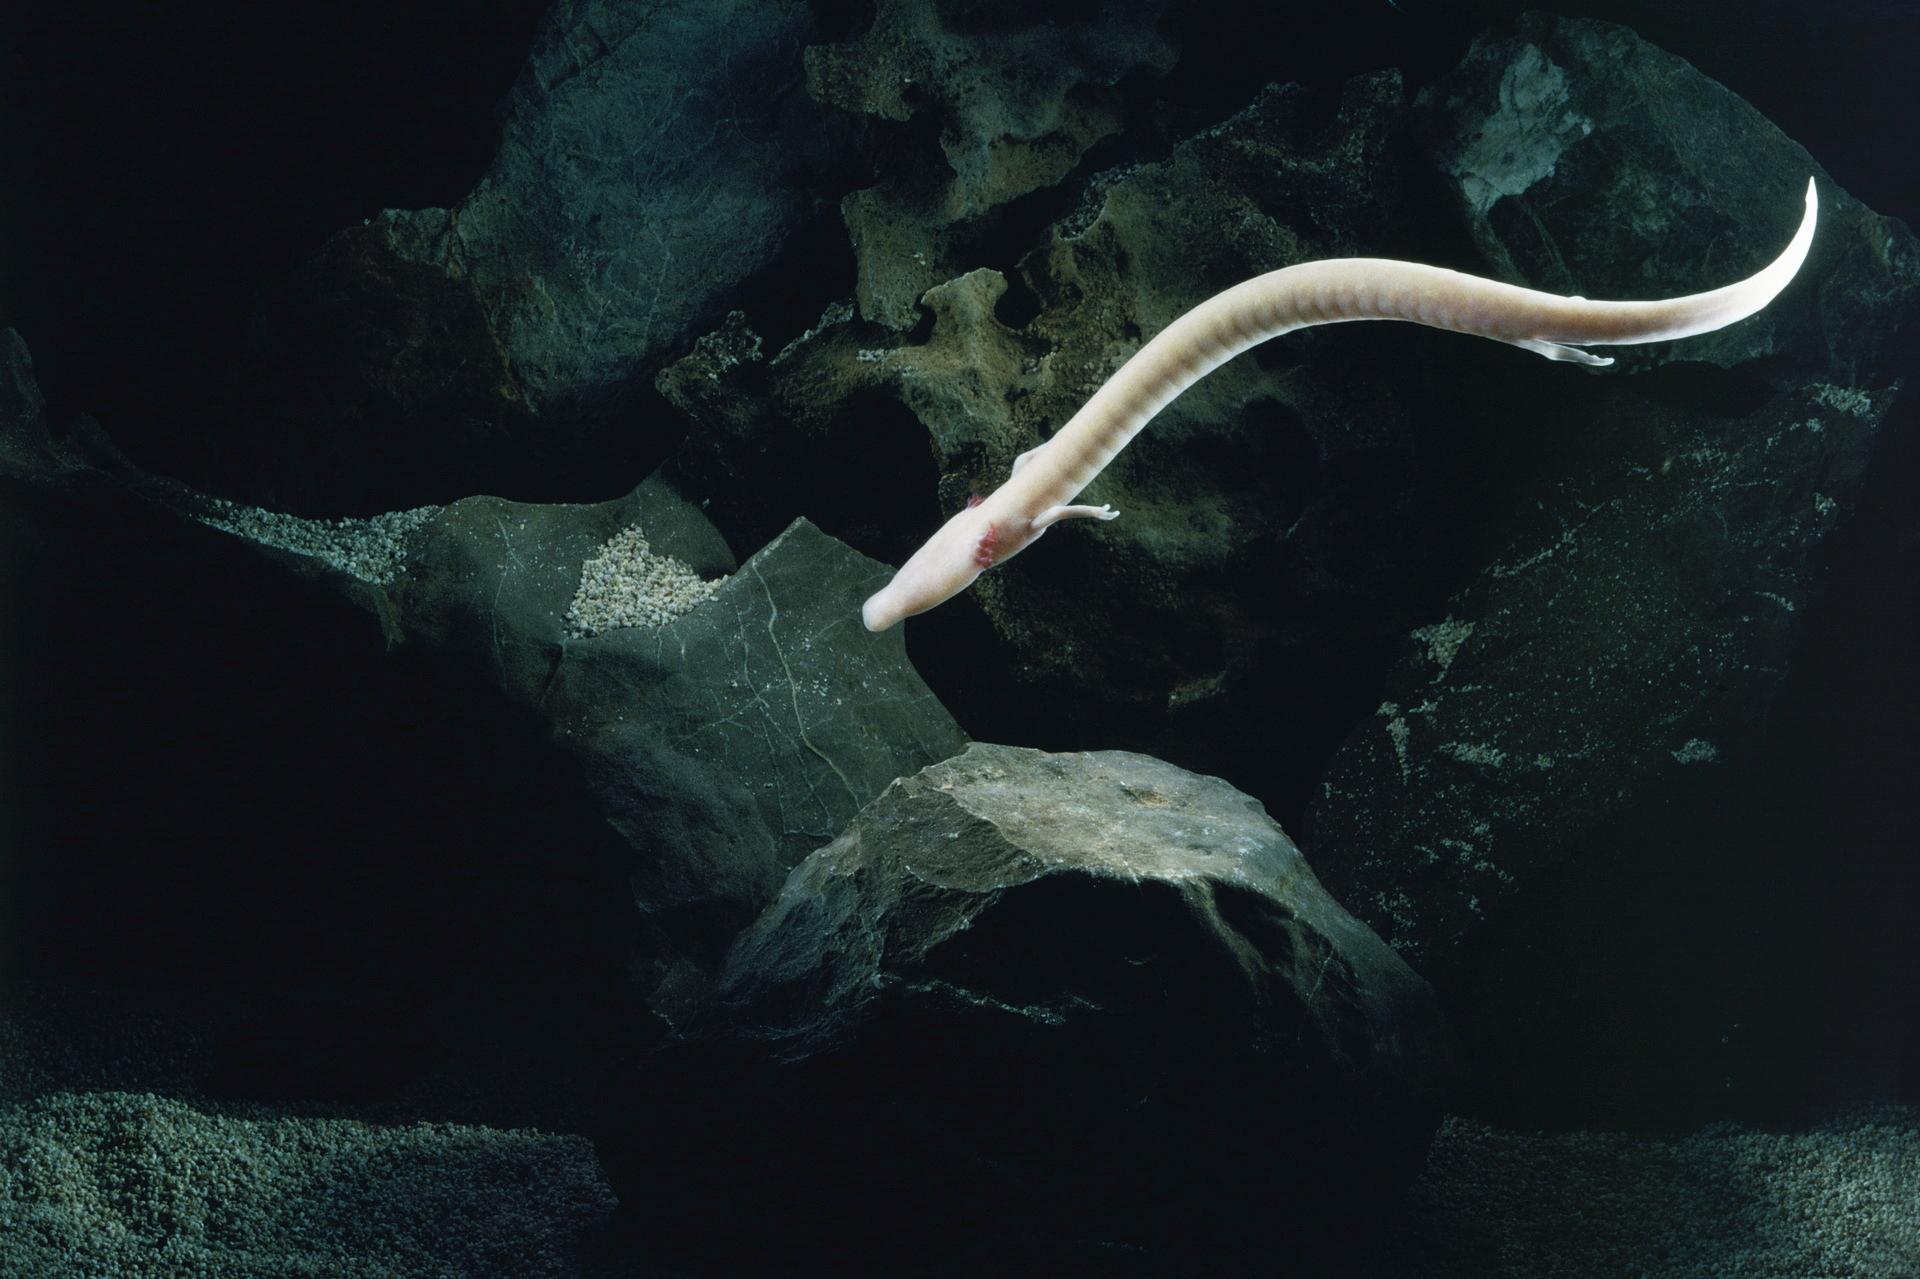 Olm (Proteus anguinus) in its natural habitat.